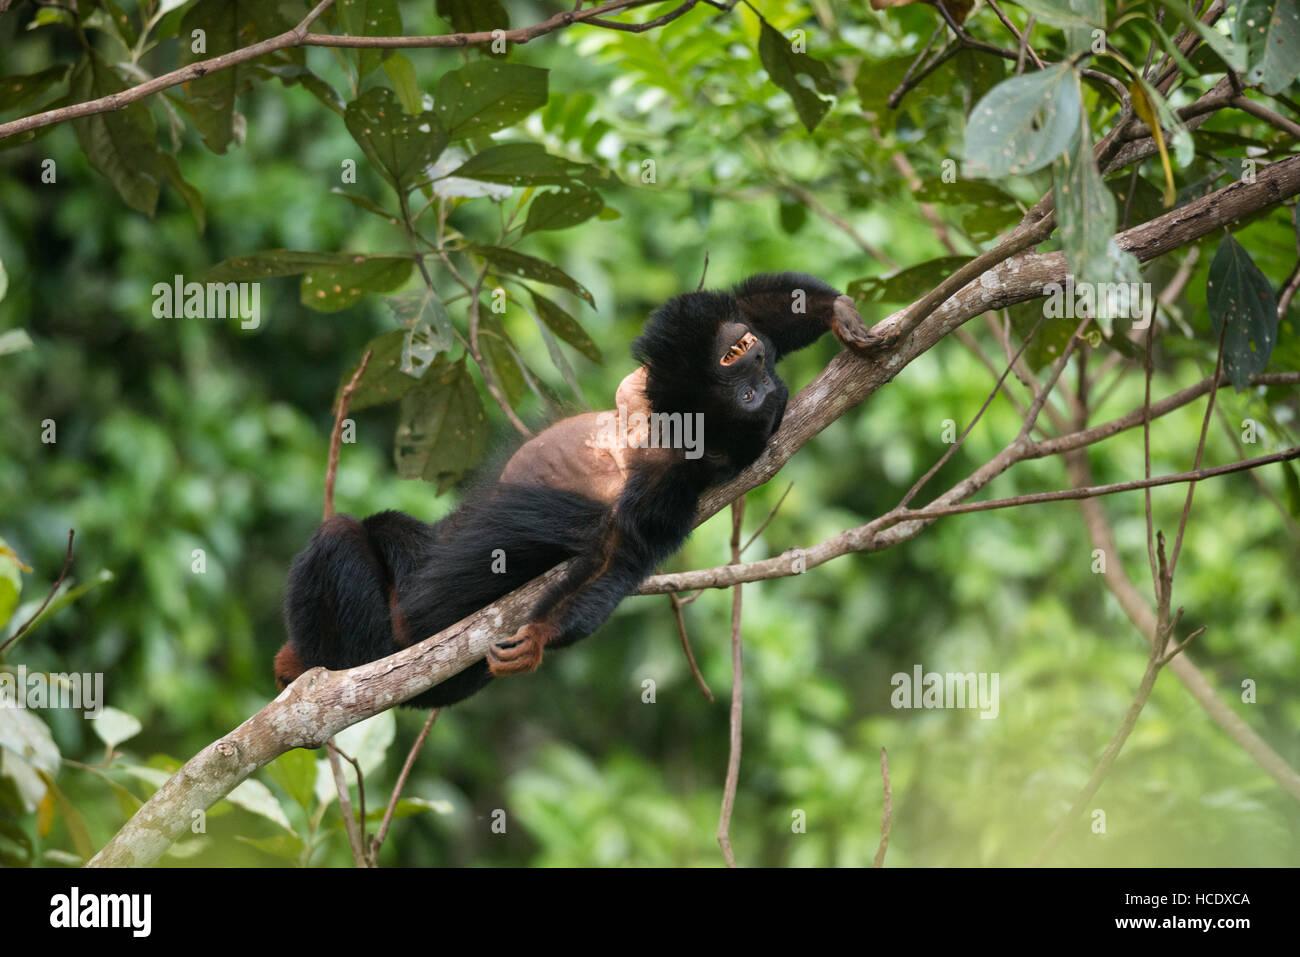 Vulnérables UN la main dans le singe hurleur de la forêt amazonienne Photo Stock